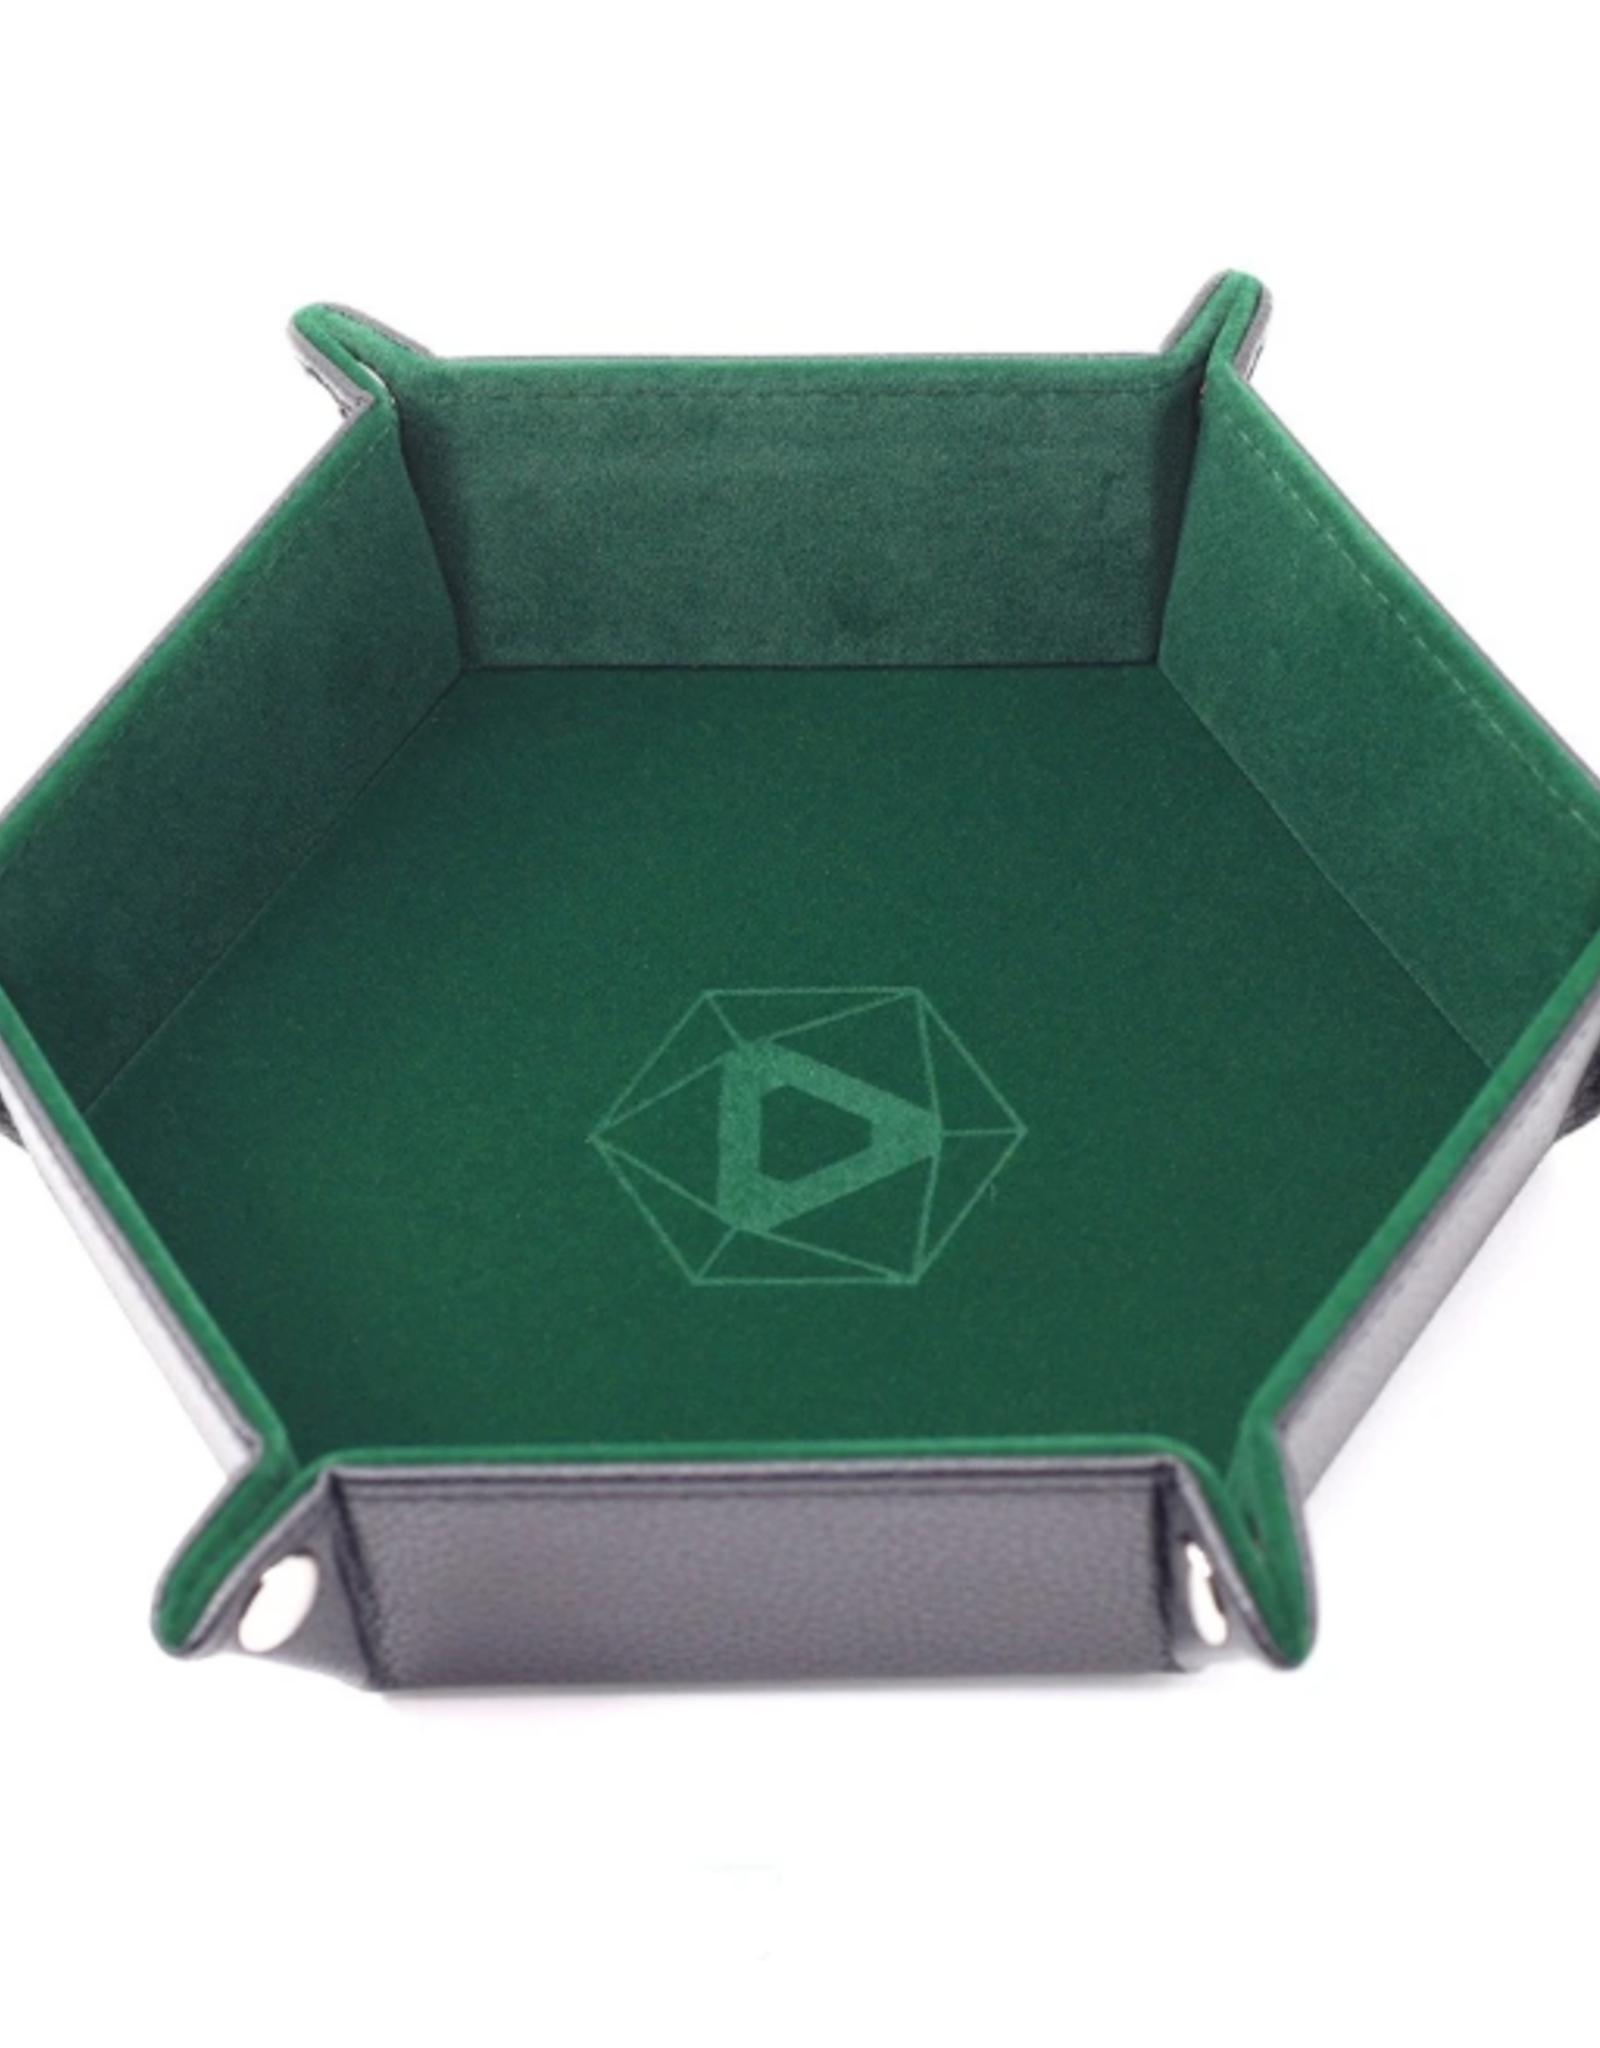 Die Hard Dice Folding Hex Tray Green Velvet